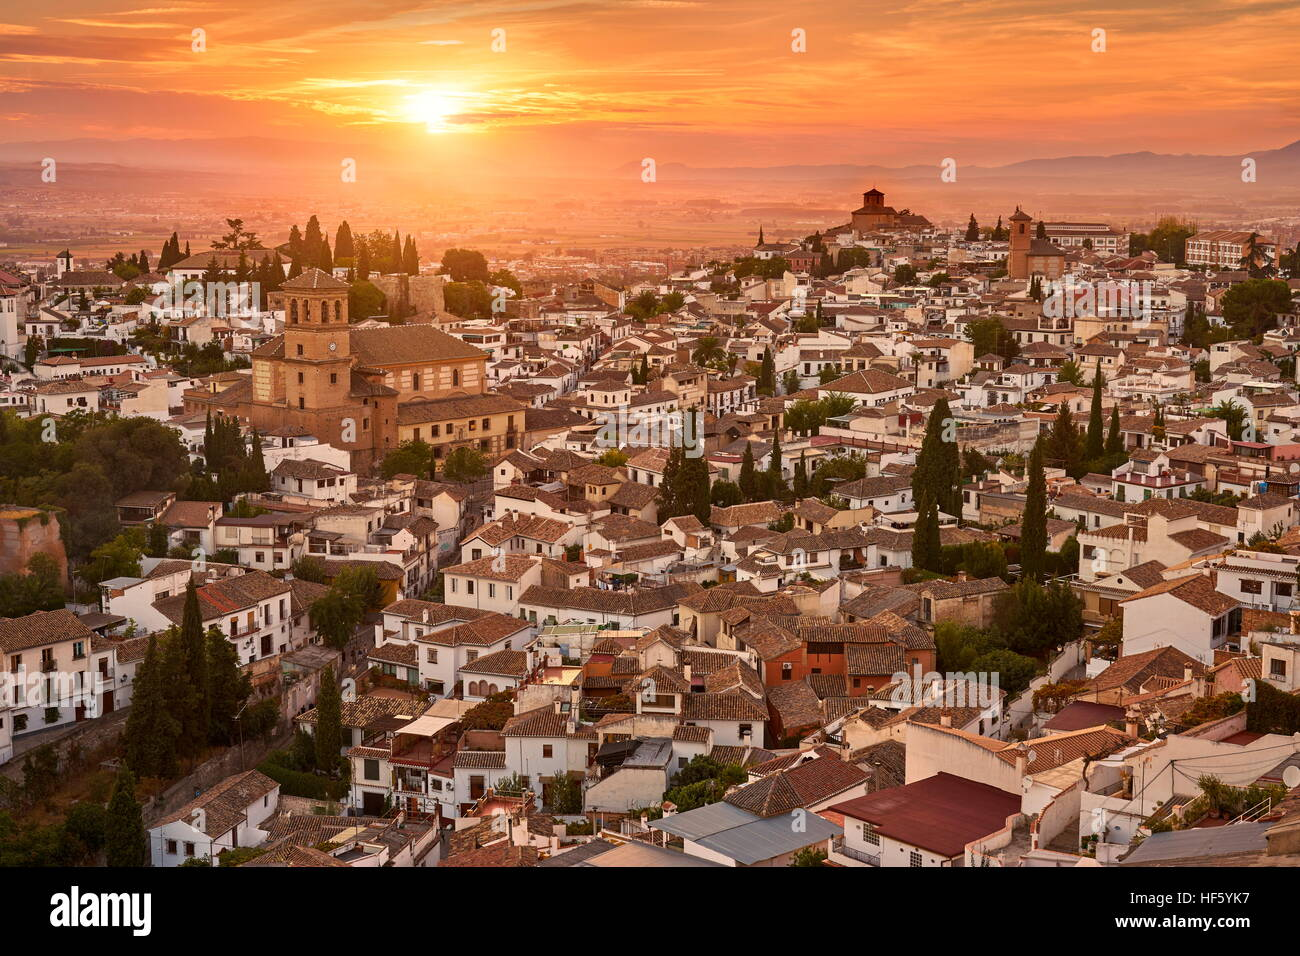 Sonnenuntergang Stadtbild von Granada, Andalusien, Spanien Stockbild